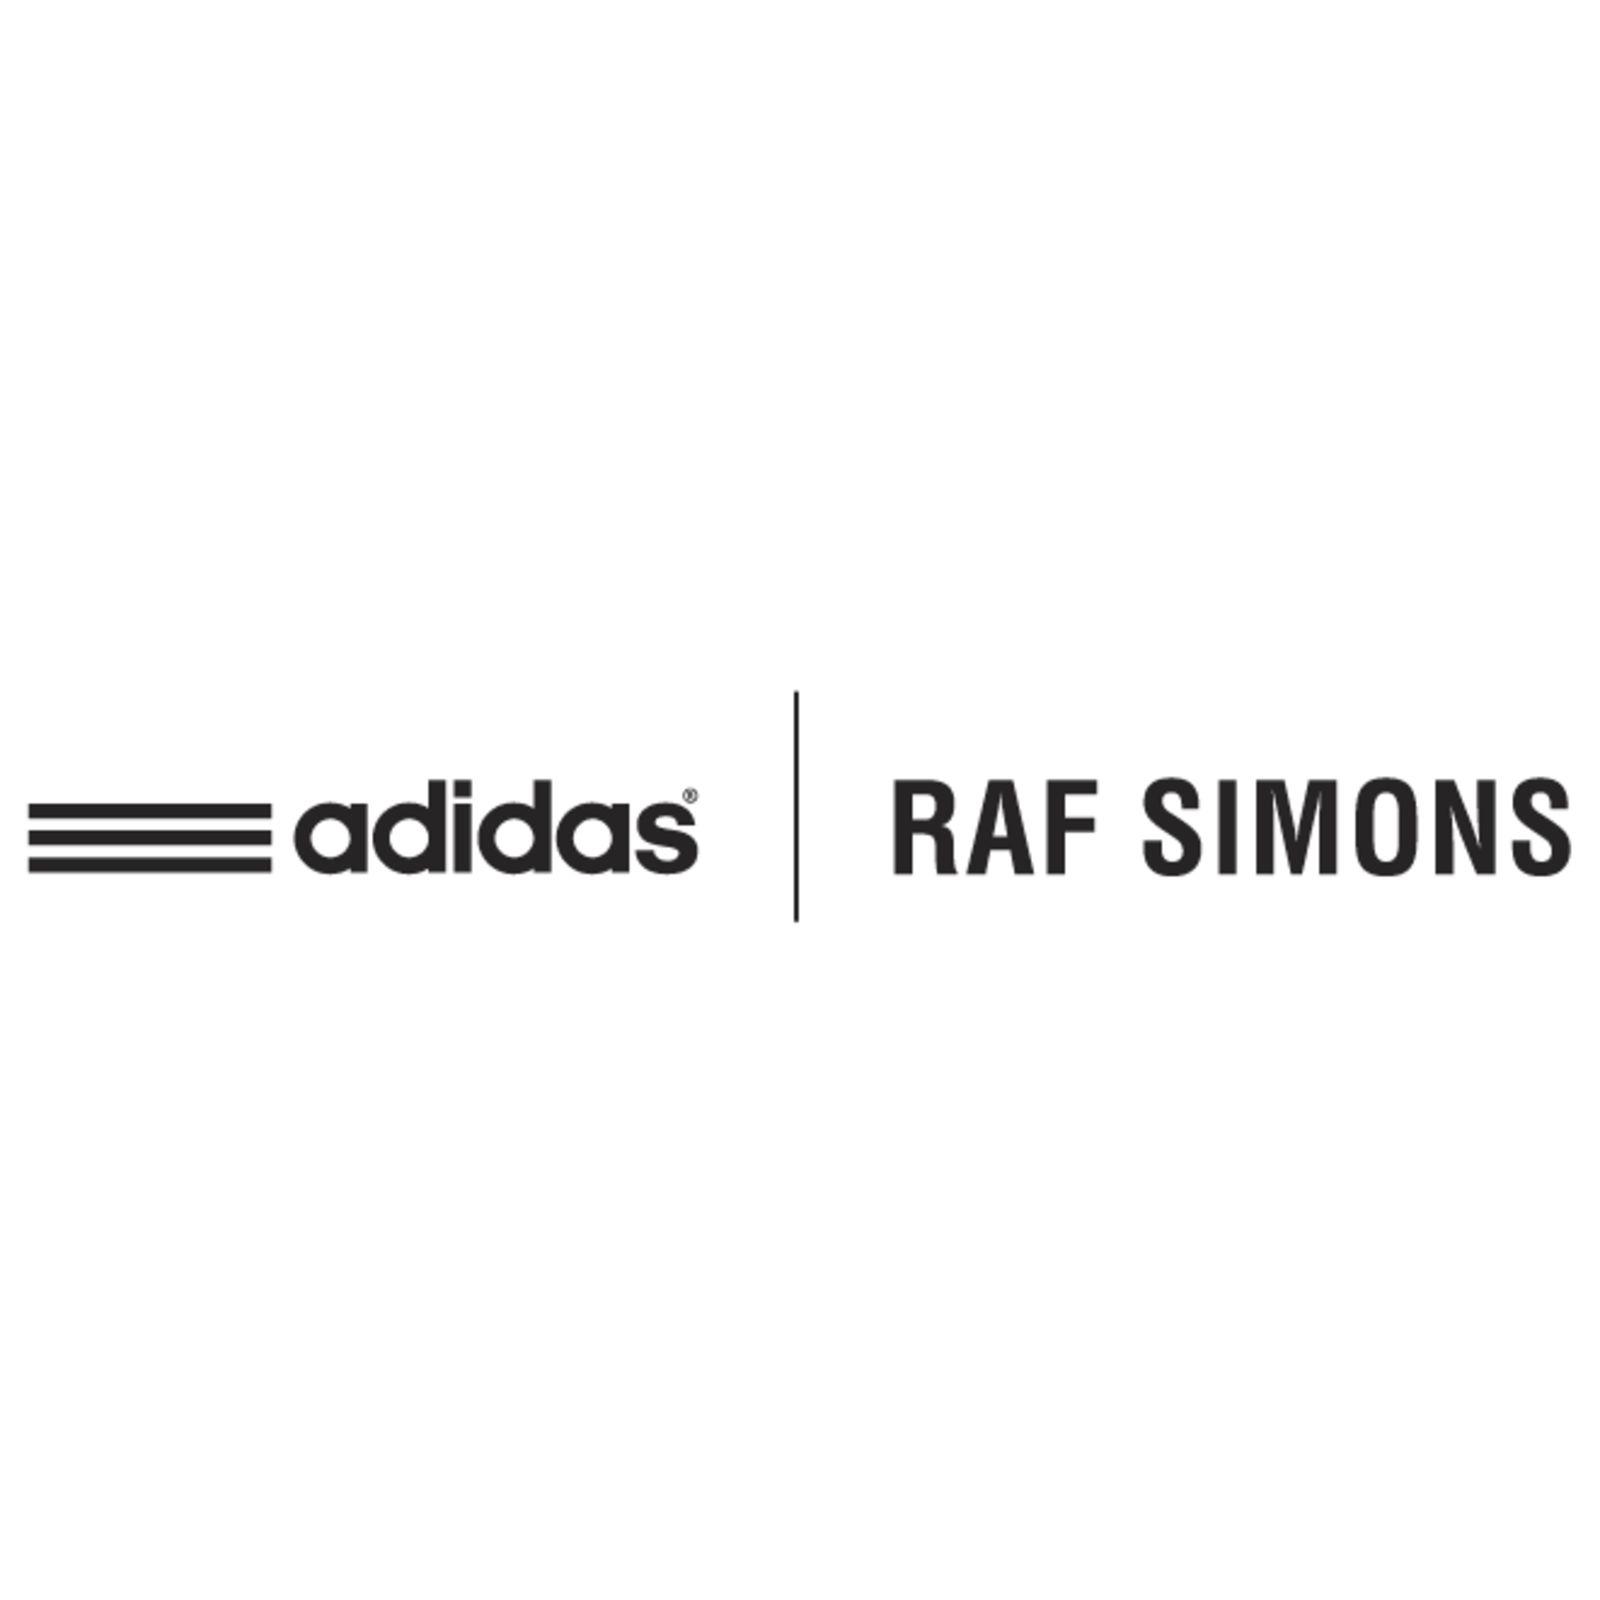 adidas x RAF SIMONS (Image 1)